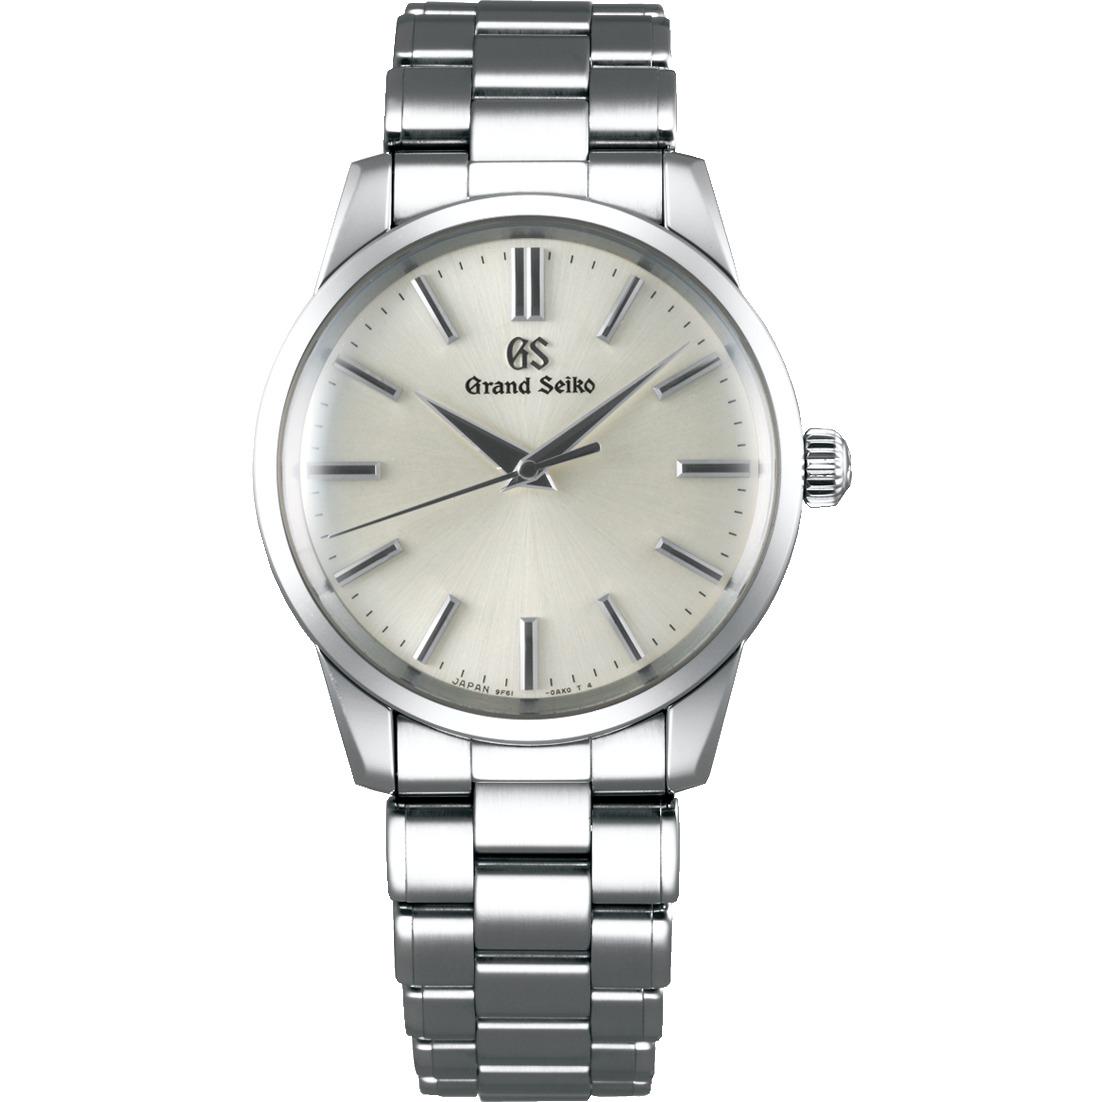 グランドセイコー Grand Seiko 正規メーカー保証3年 SBGX319 9Fクォーツ 正規品 腕時計